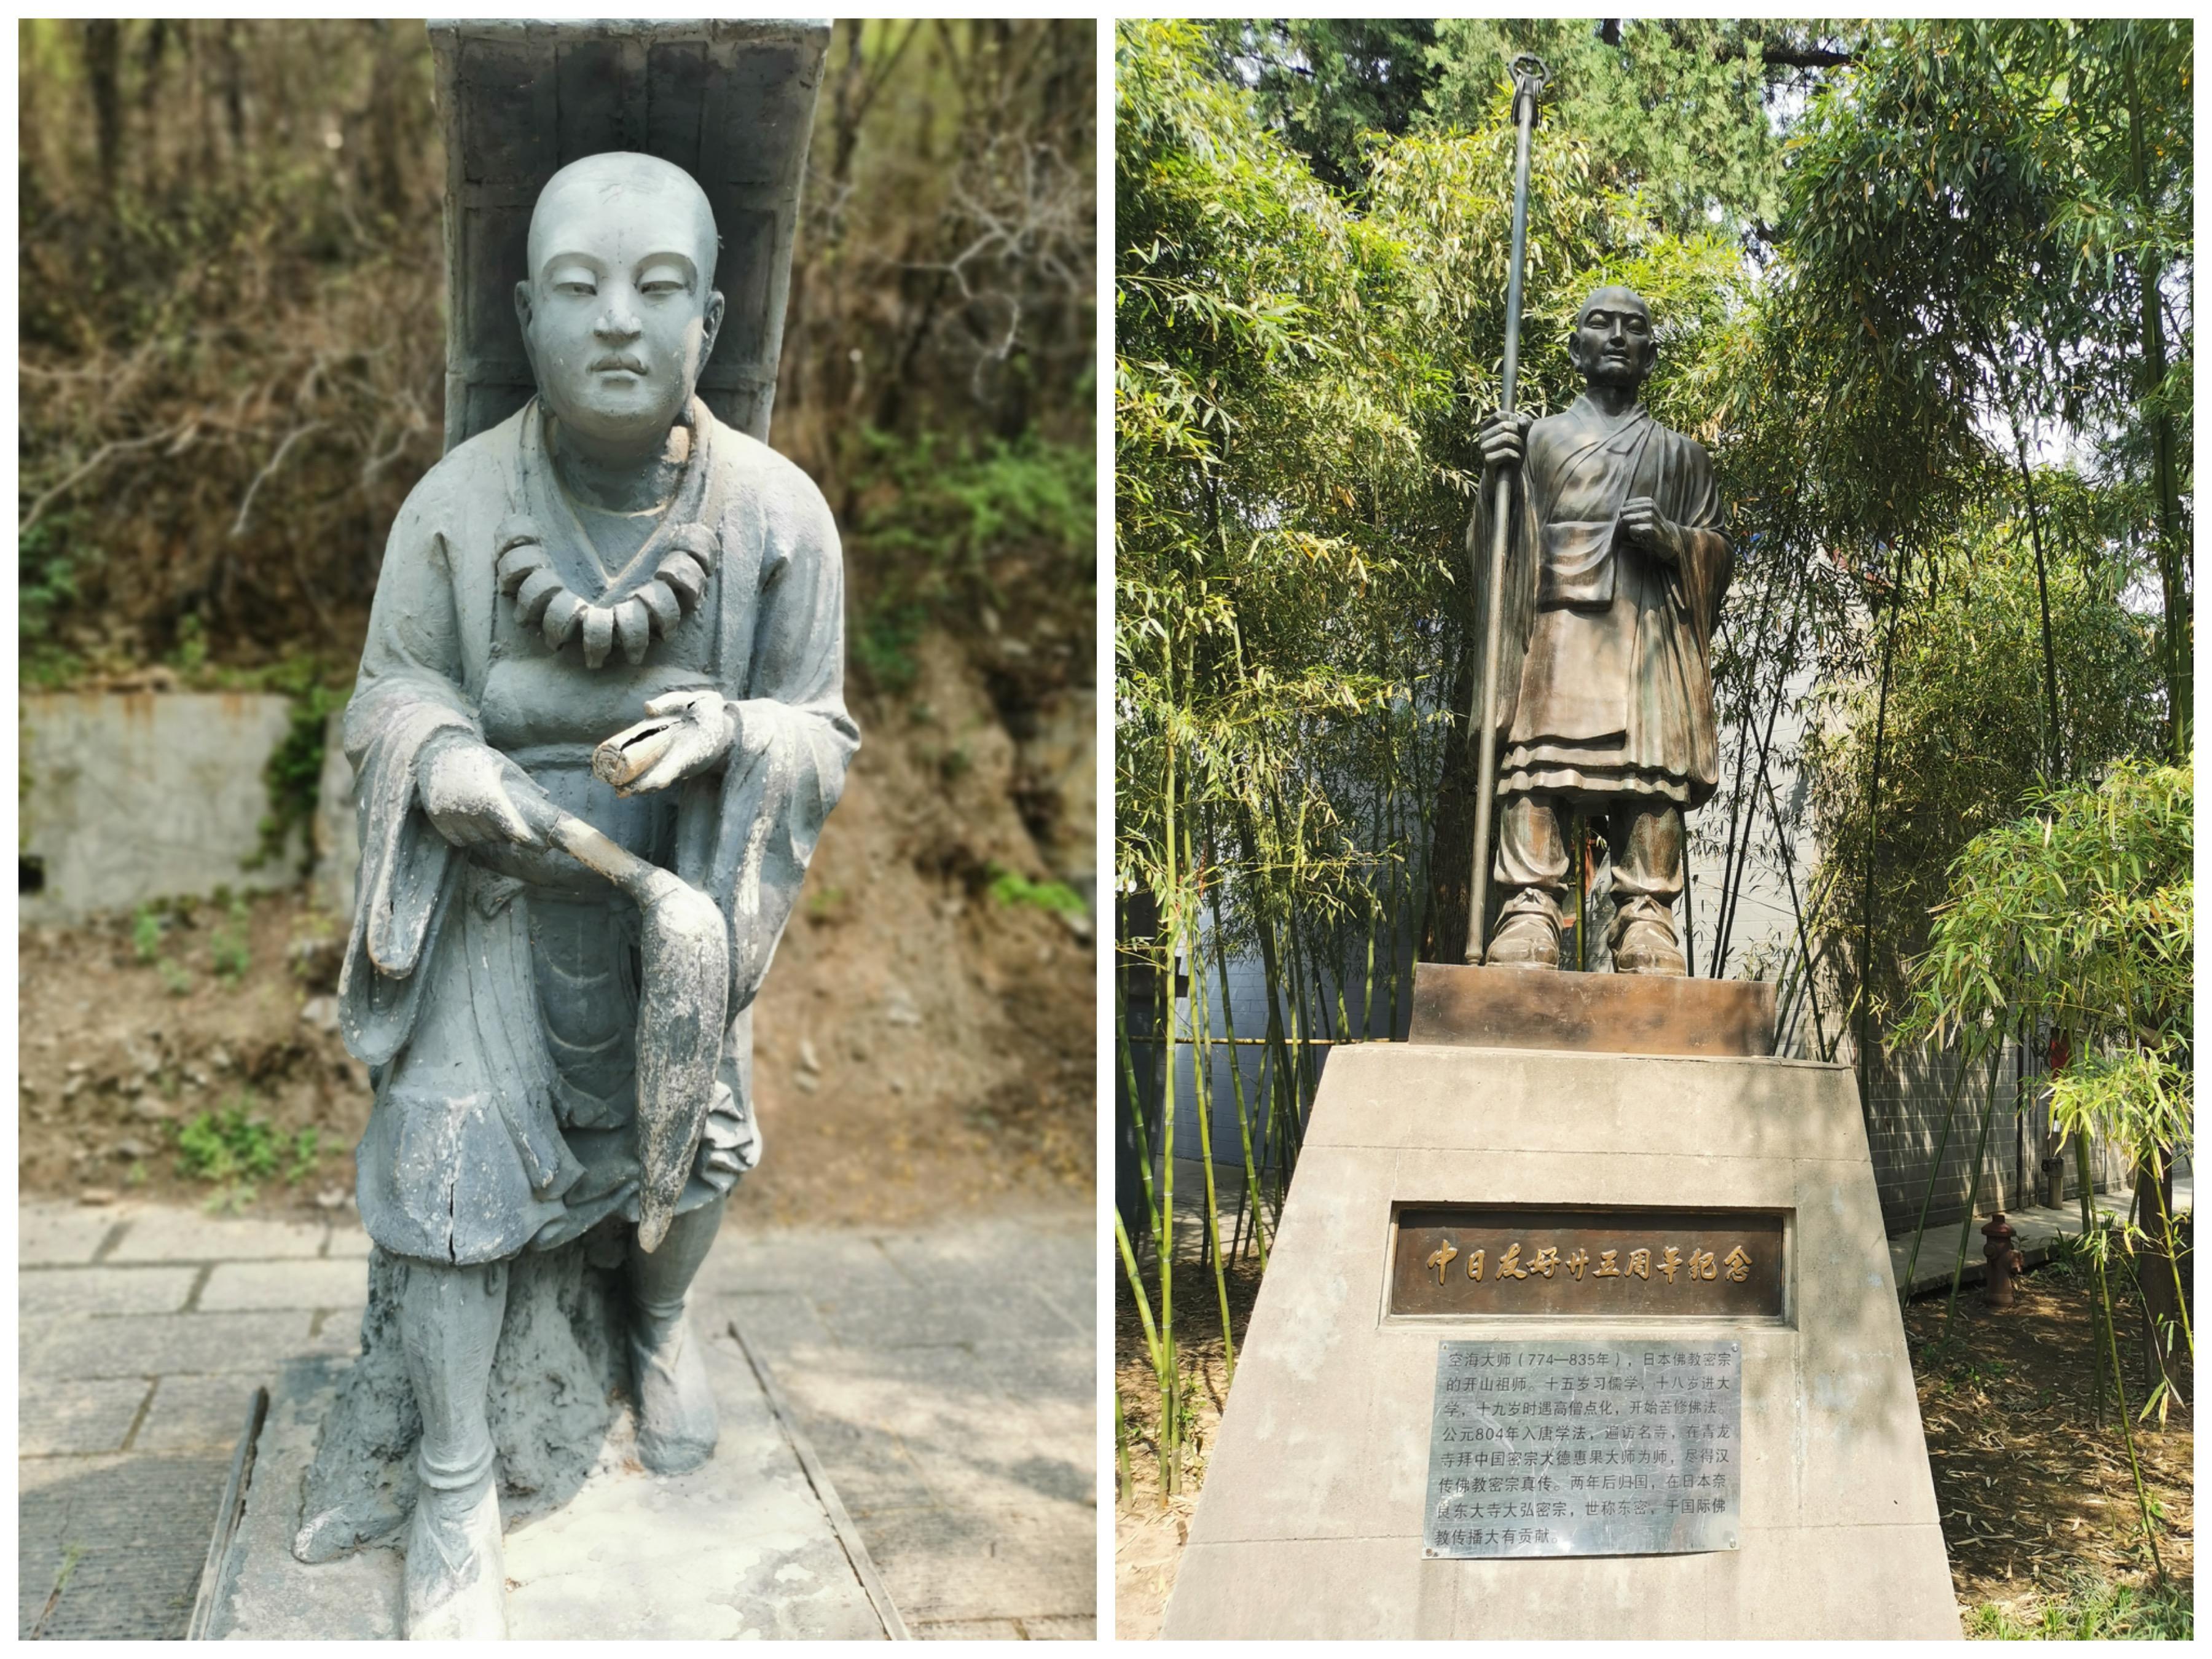 历史上,洛阳的中外文化交流频繁,佛教尤是。龙门石窟里的玄奘雕像(左)和白马寺中的日僧空海雕像(右)